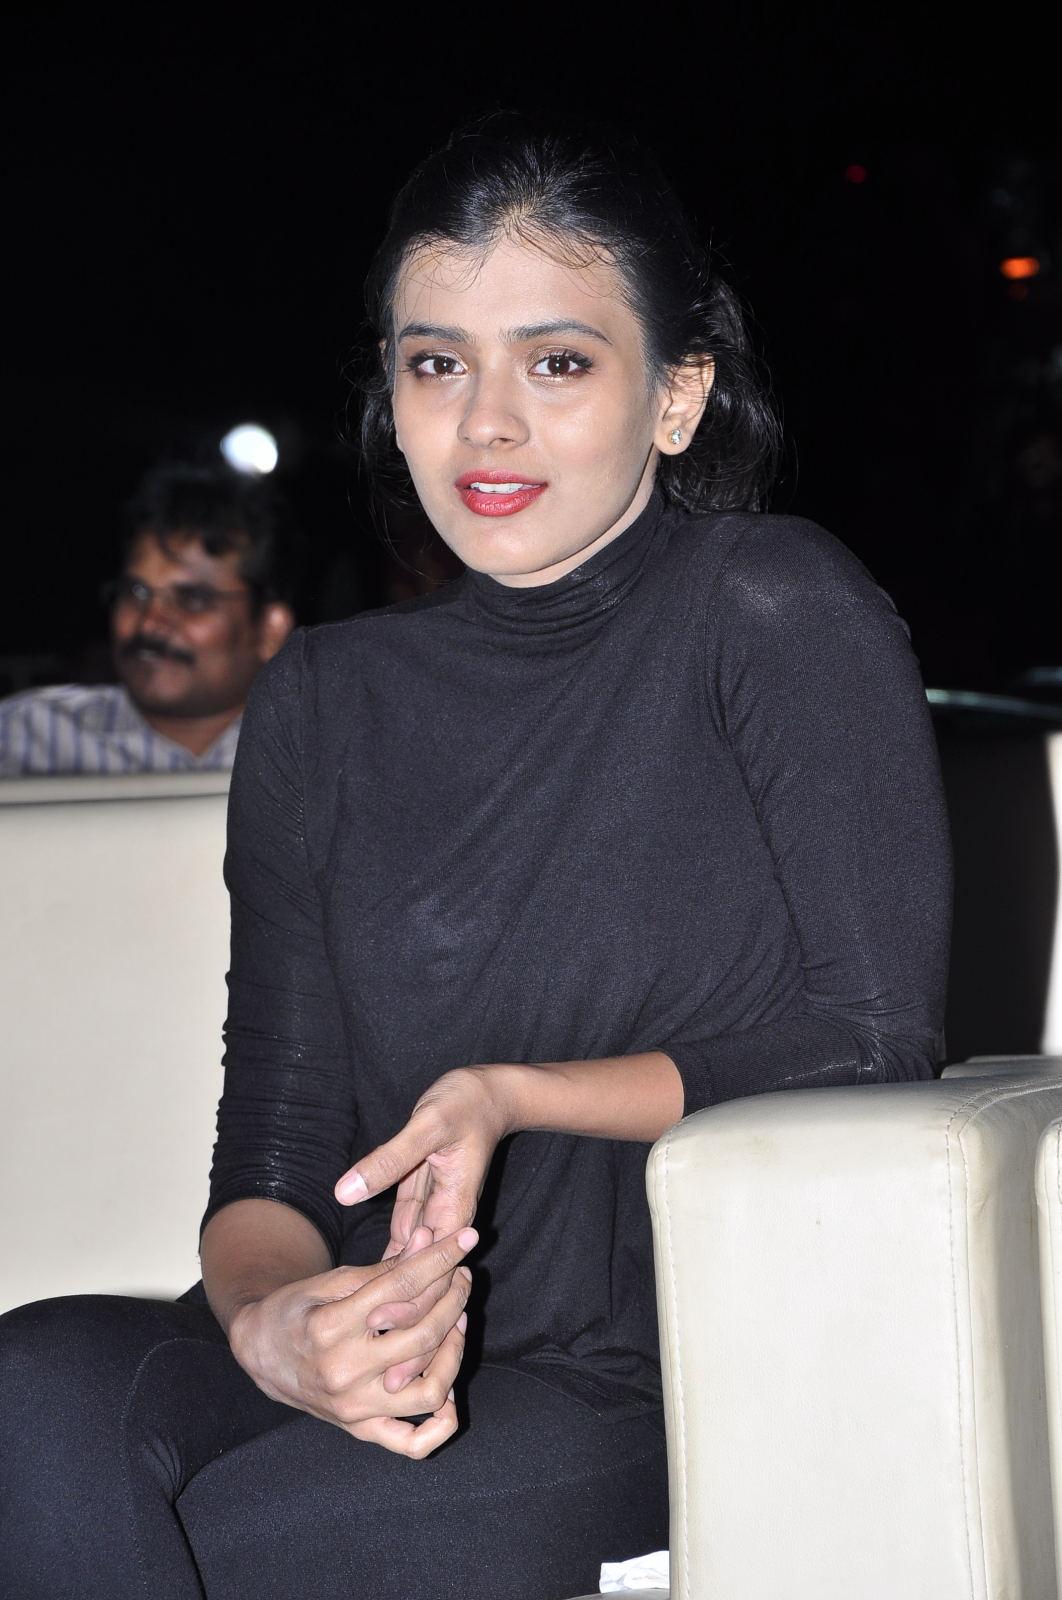 Hebah Patel at Kumari 21f platinum disk event-HQ-Photo-14